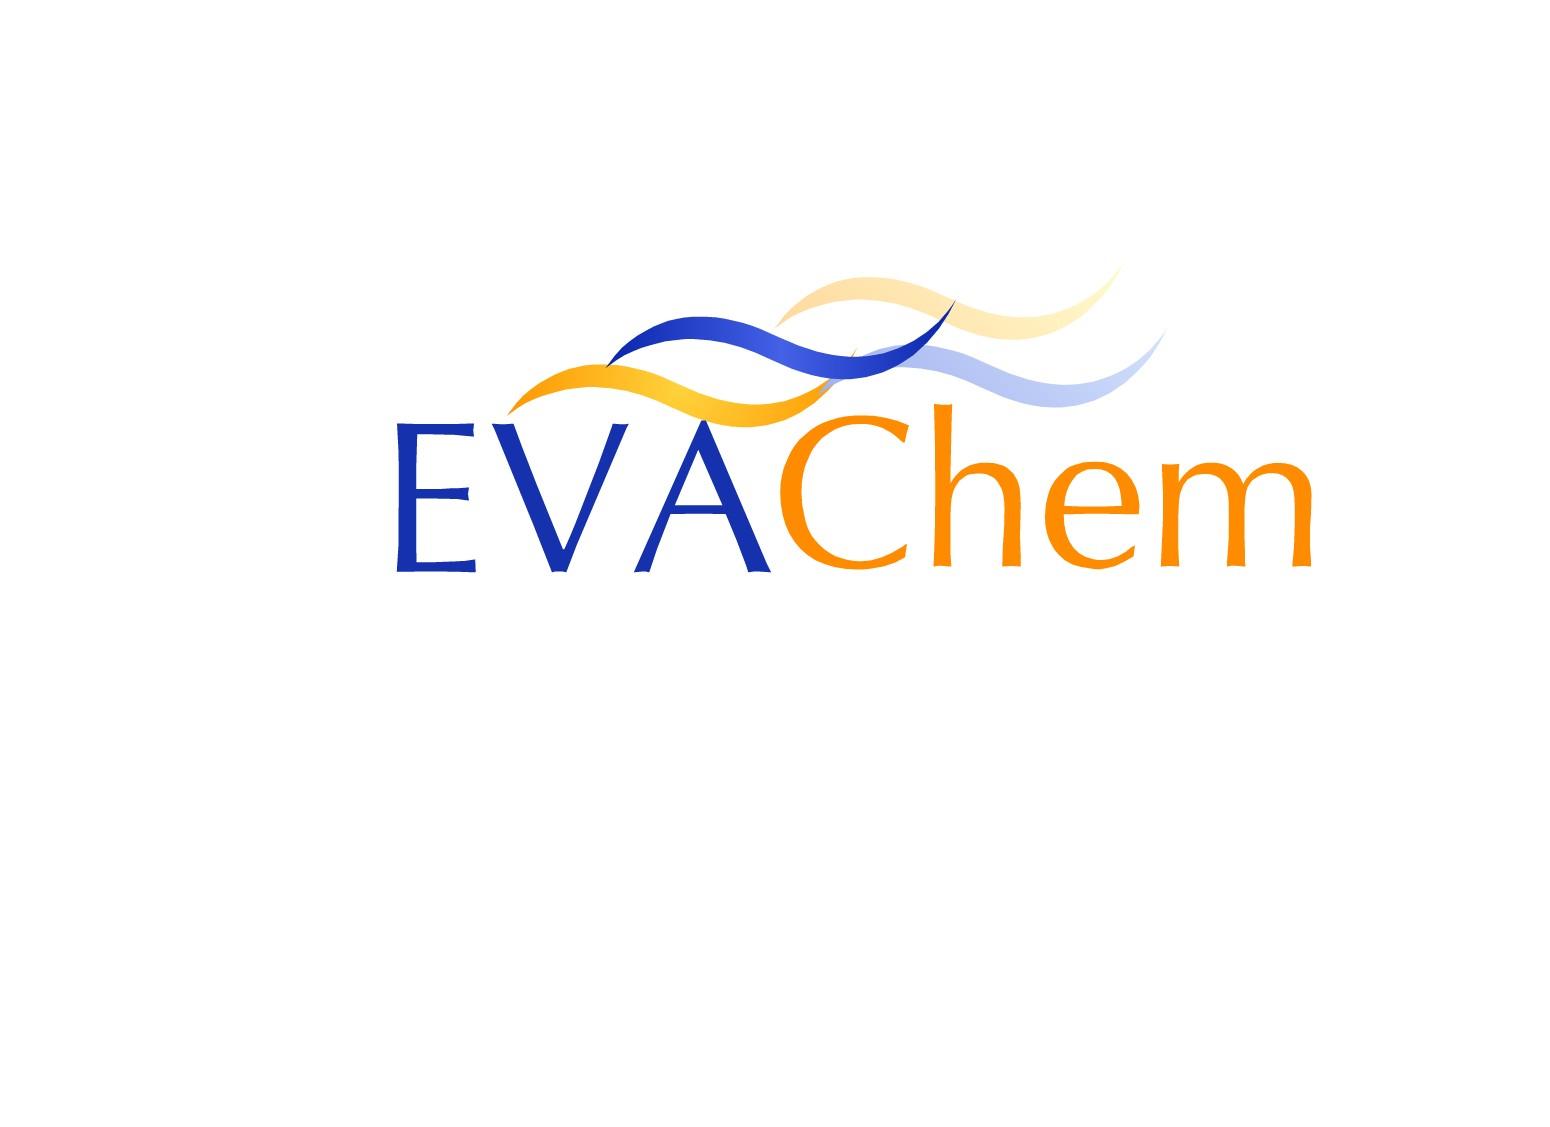 Разработка логотипа и фирменного стиля компании фото f_243571caedcc9433.jpg